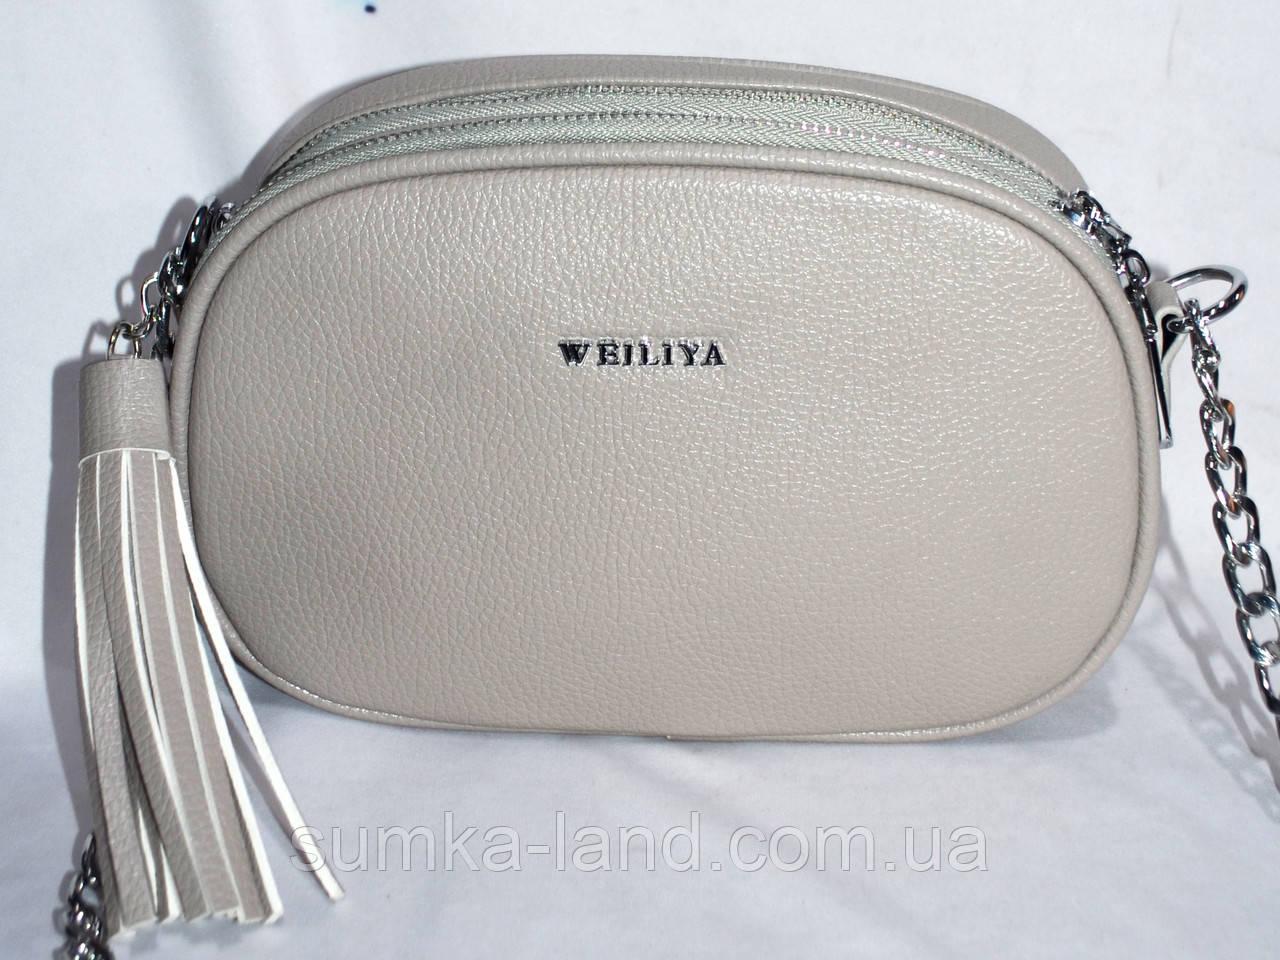 ea5713de3d31 Женский серый клатч из искусственной кожи на ремешке с цепочкой 22*15 см